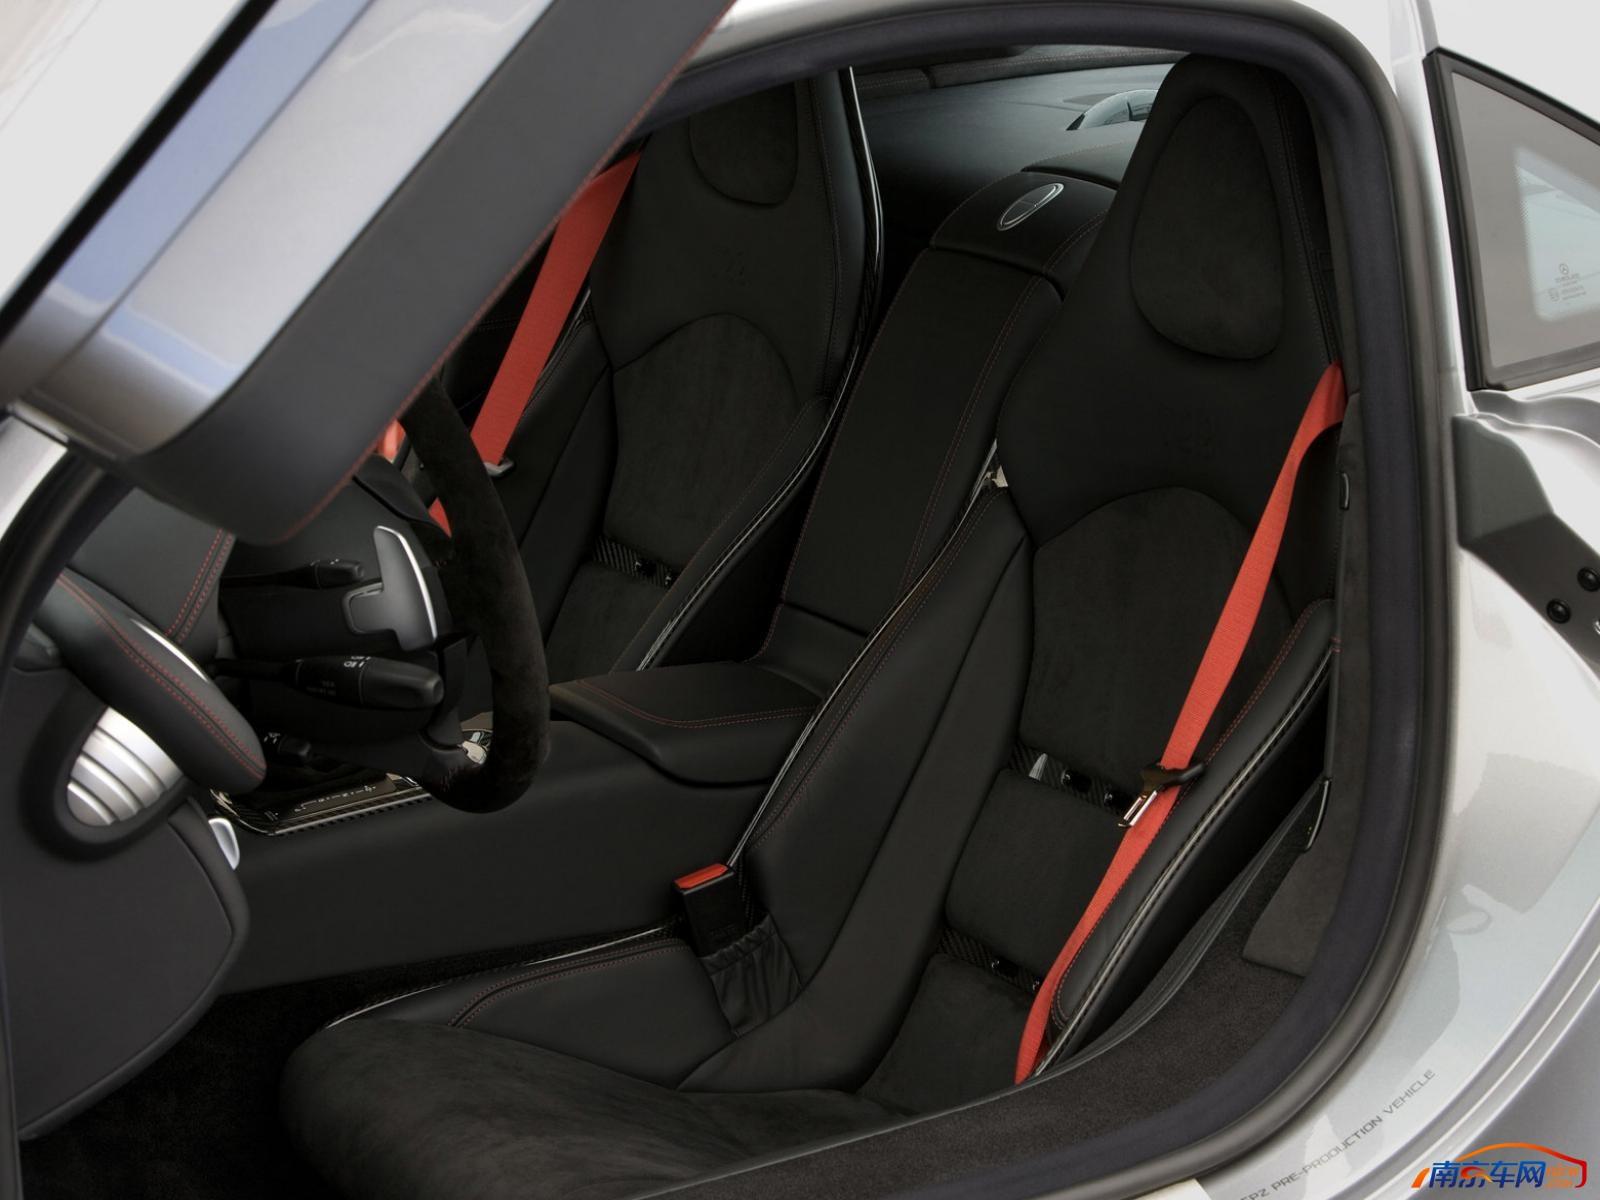 2007款梅赛德斯奔驰slr722